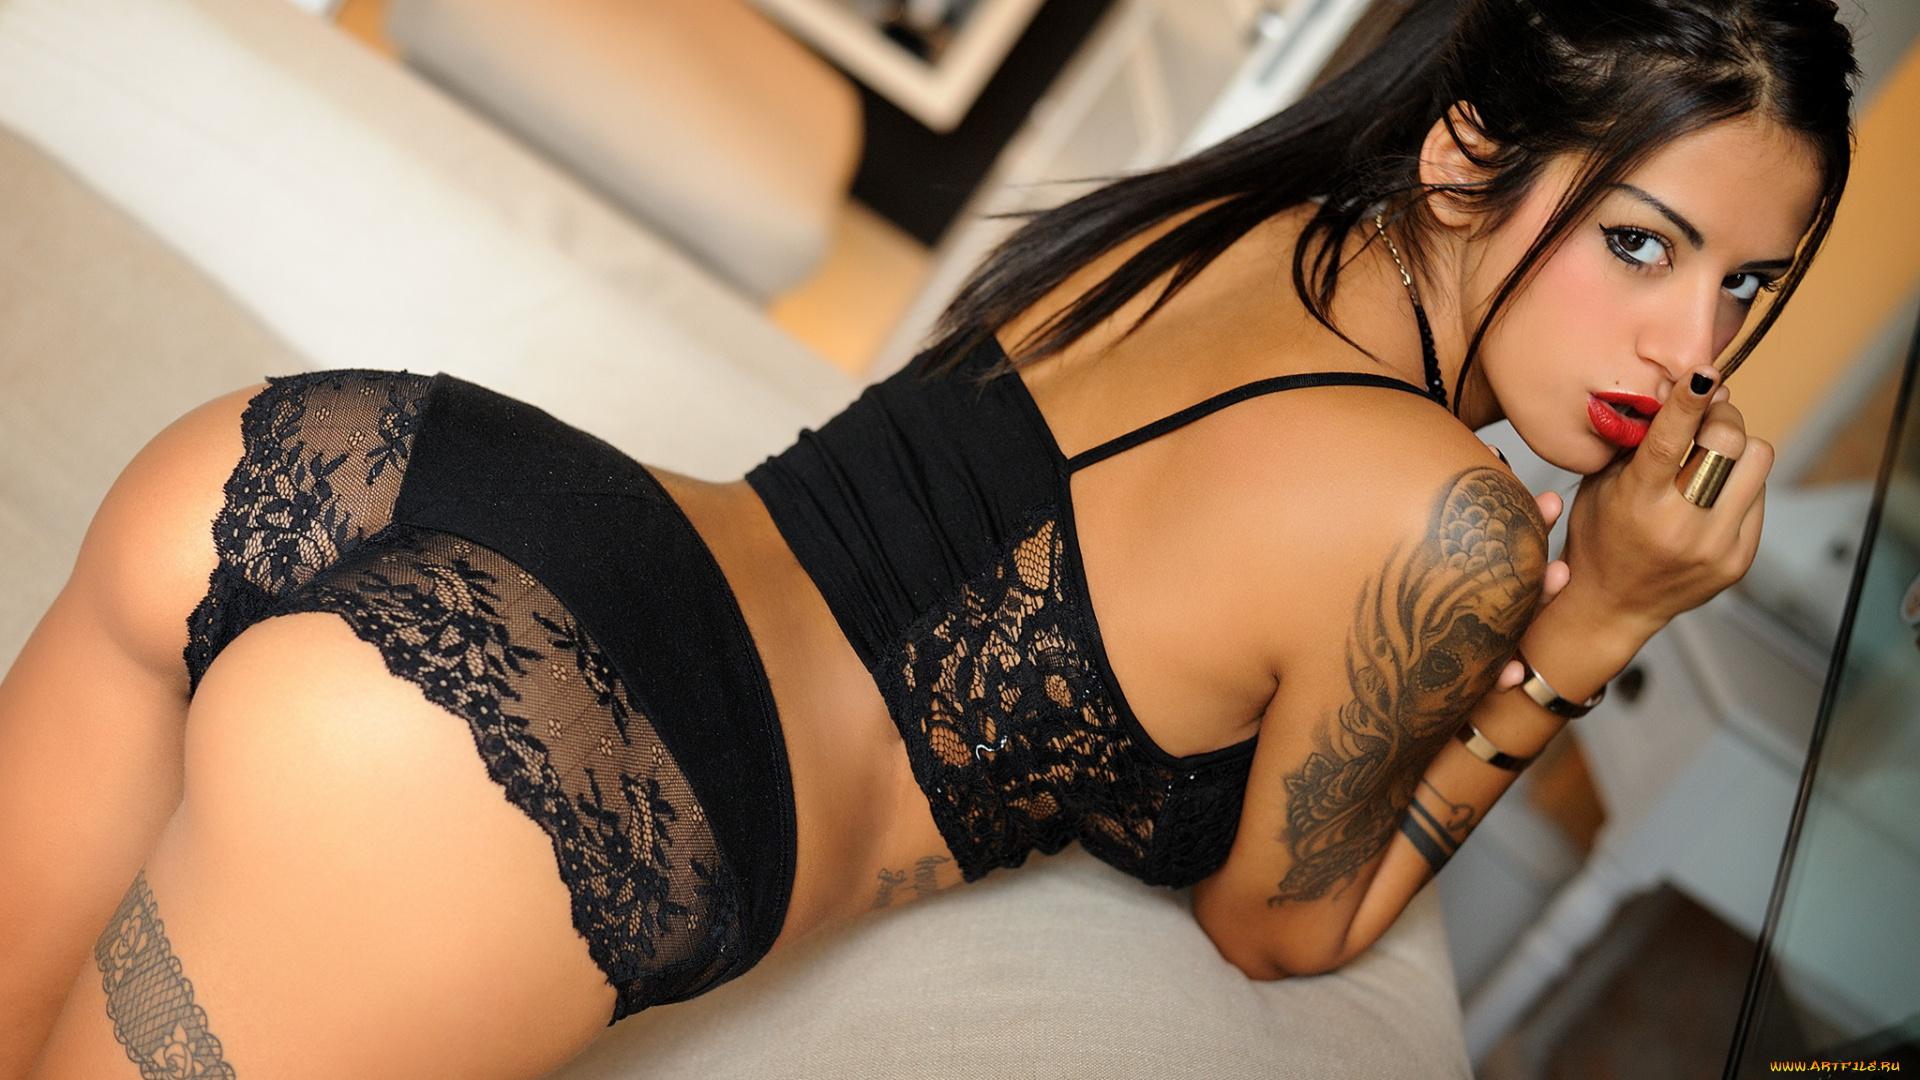 Татуированная телка снимает кружевное бельё в спальне  477031